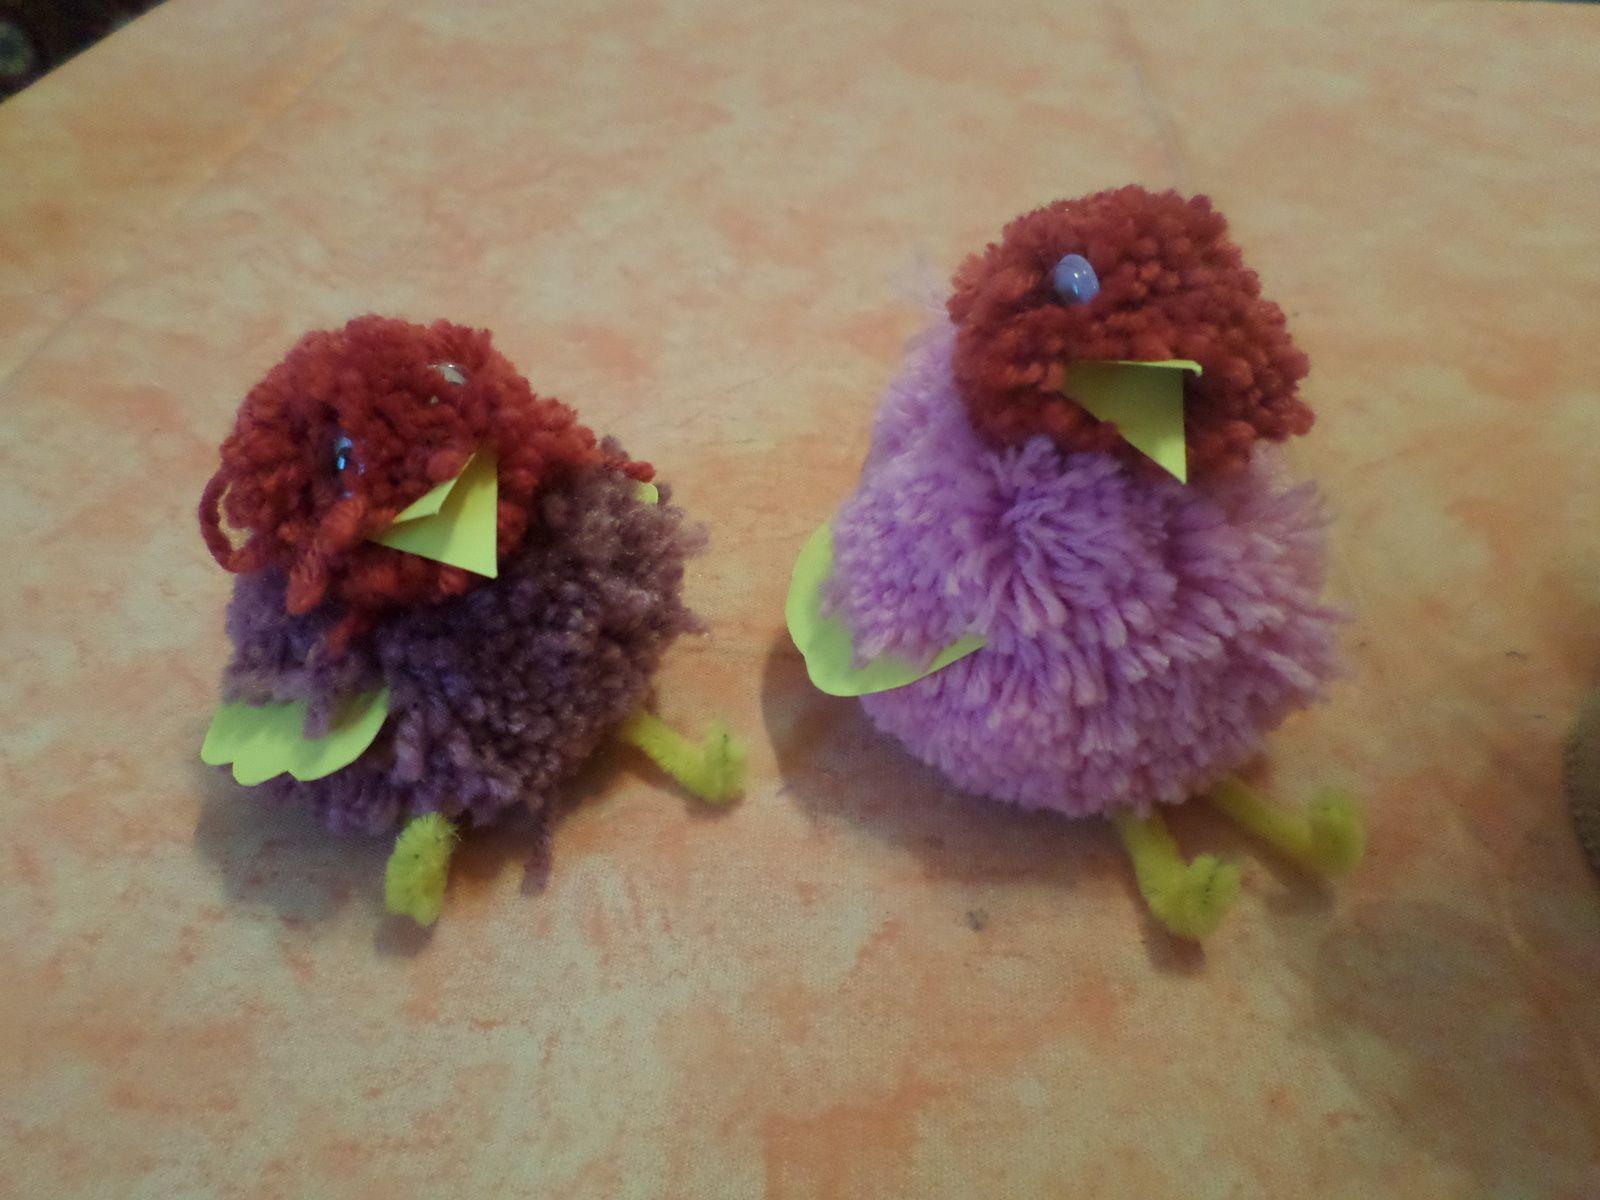 des poussins multicolores dans l'imaginaire des enfants ont trouve de tout